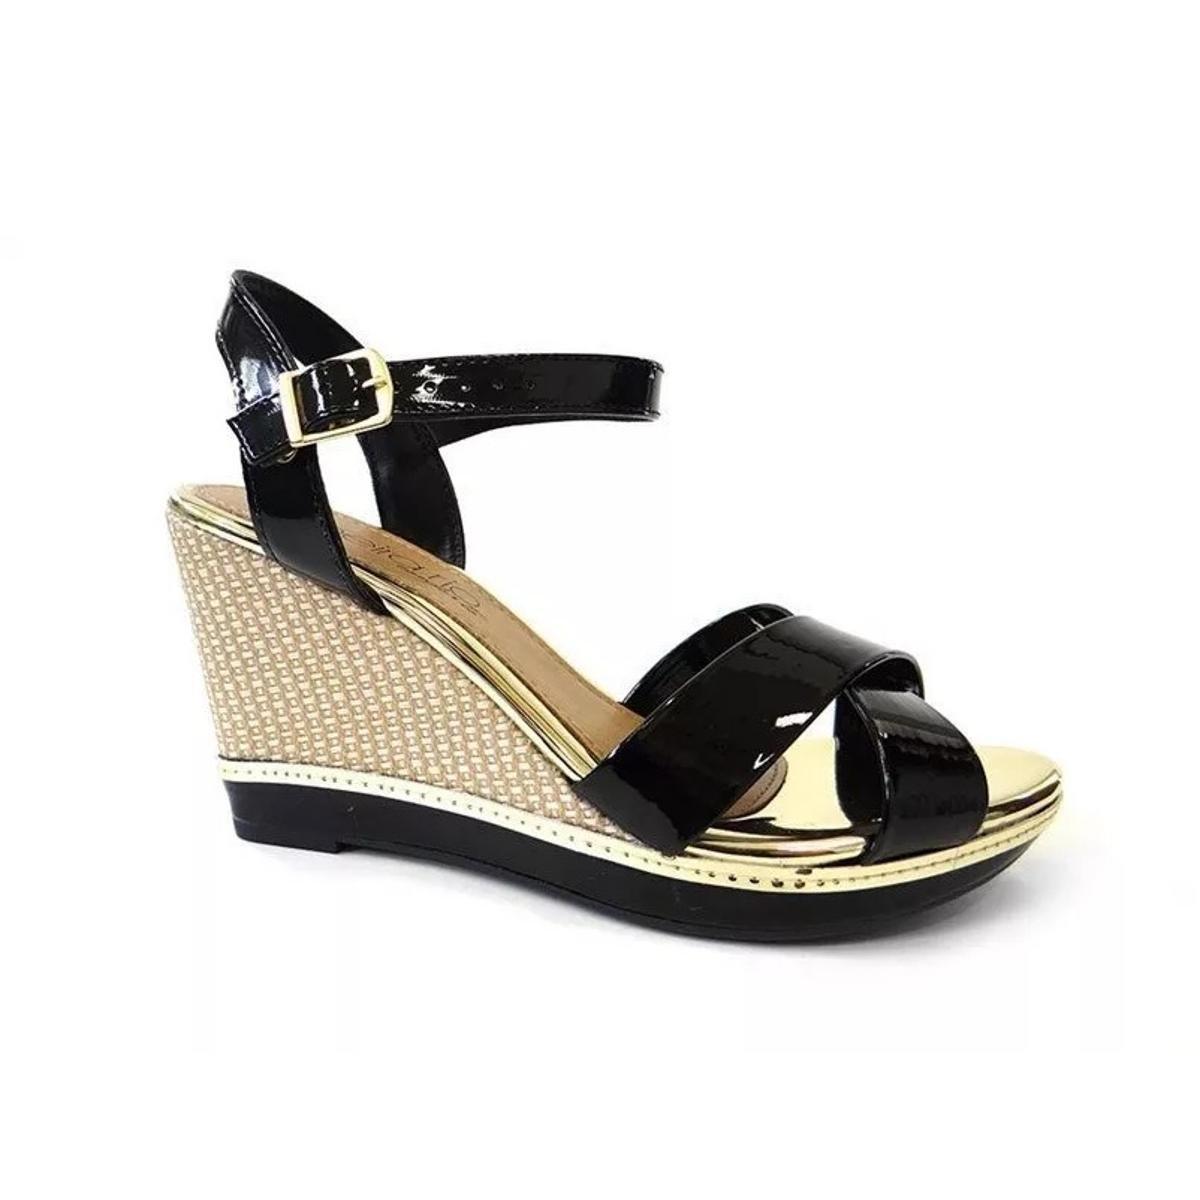 ... Sandália Beira Rio Anabela Verniz Premium - Preto - Compre Agora ...  600507e02af3d5 52205558e8f